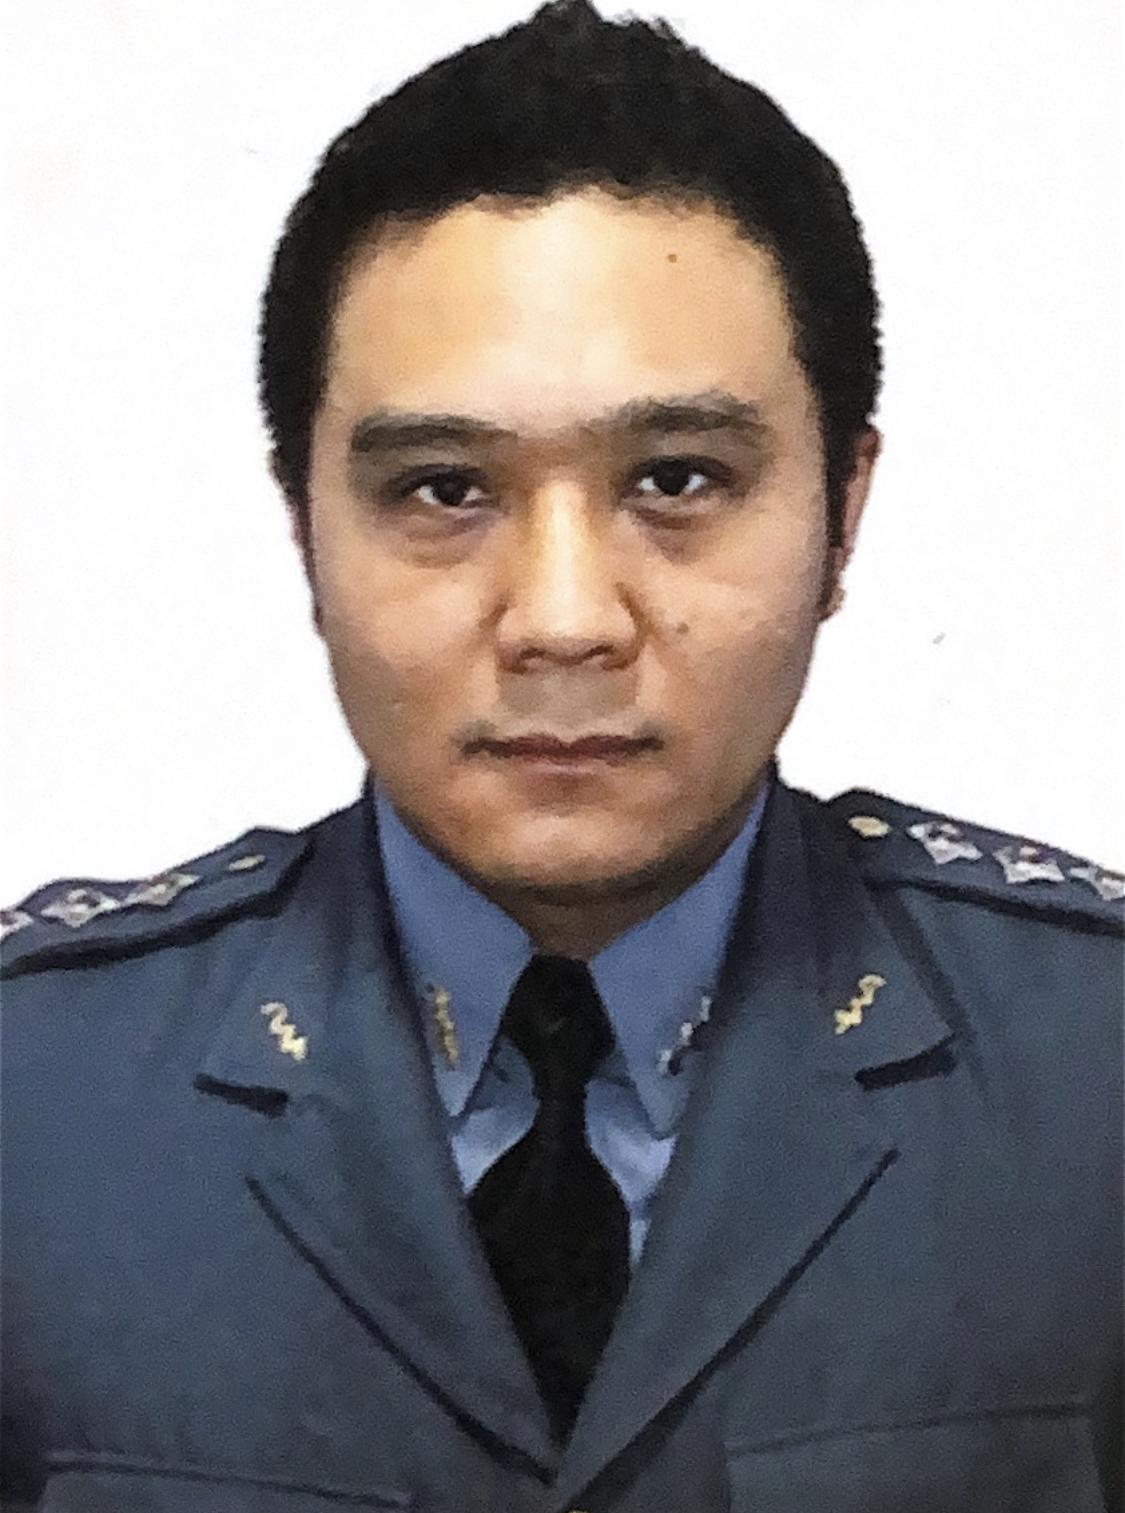 Flavio J. Yokoyama